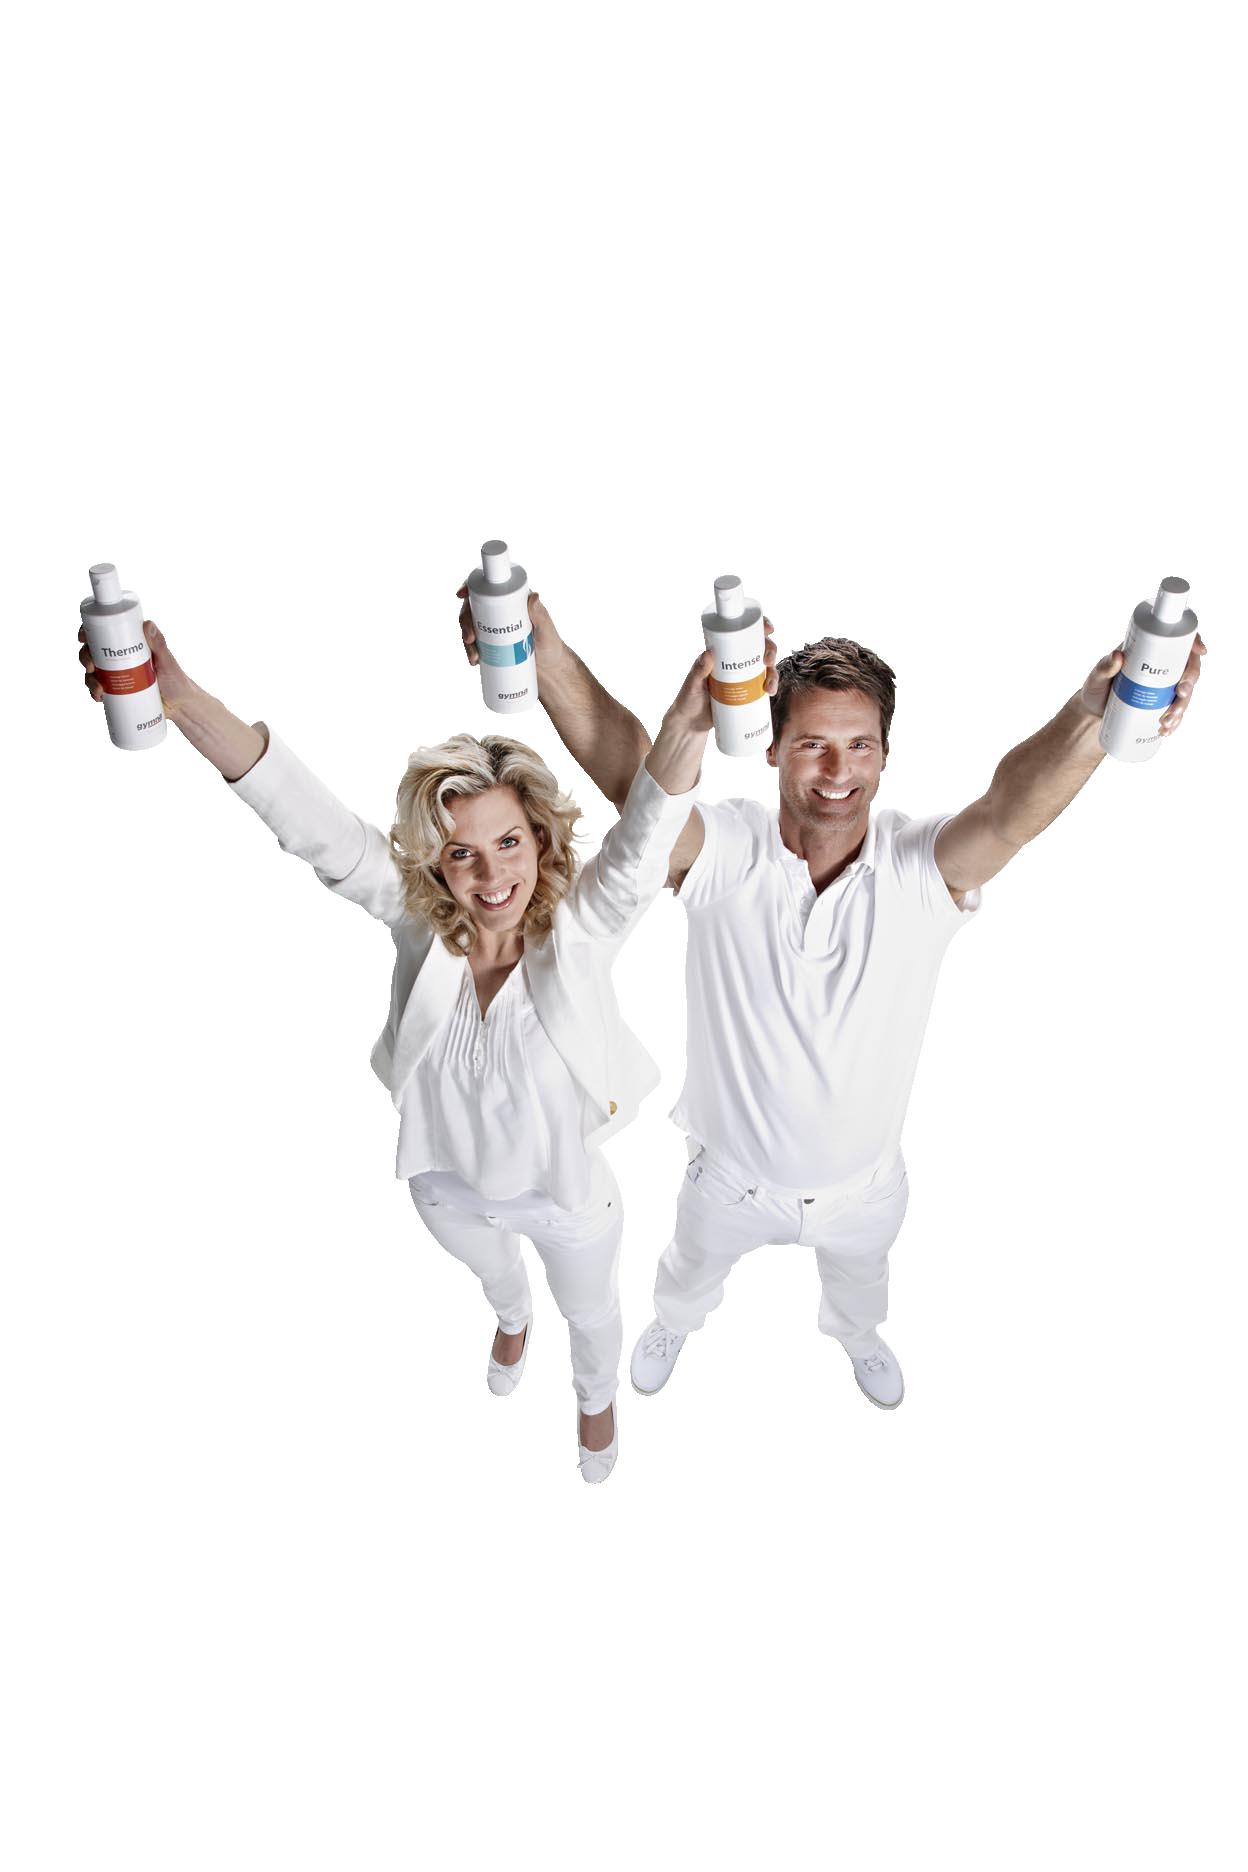 Gymna präsentiert Ihnen ausgewählte Massagelotionen für jeden Bereich Ihrer täglichen Arbeit